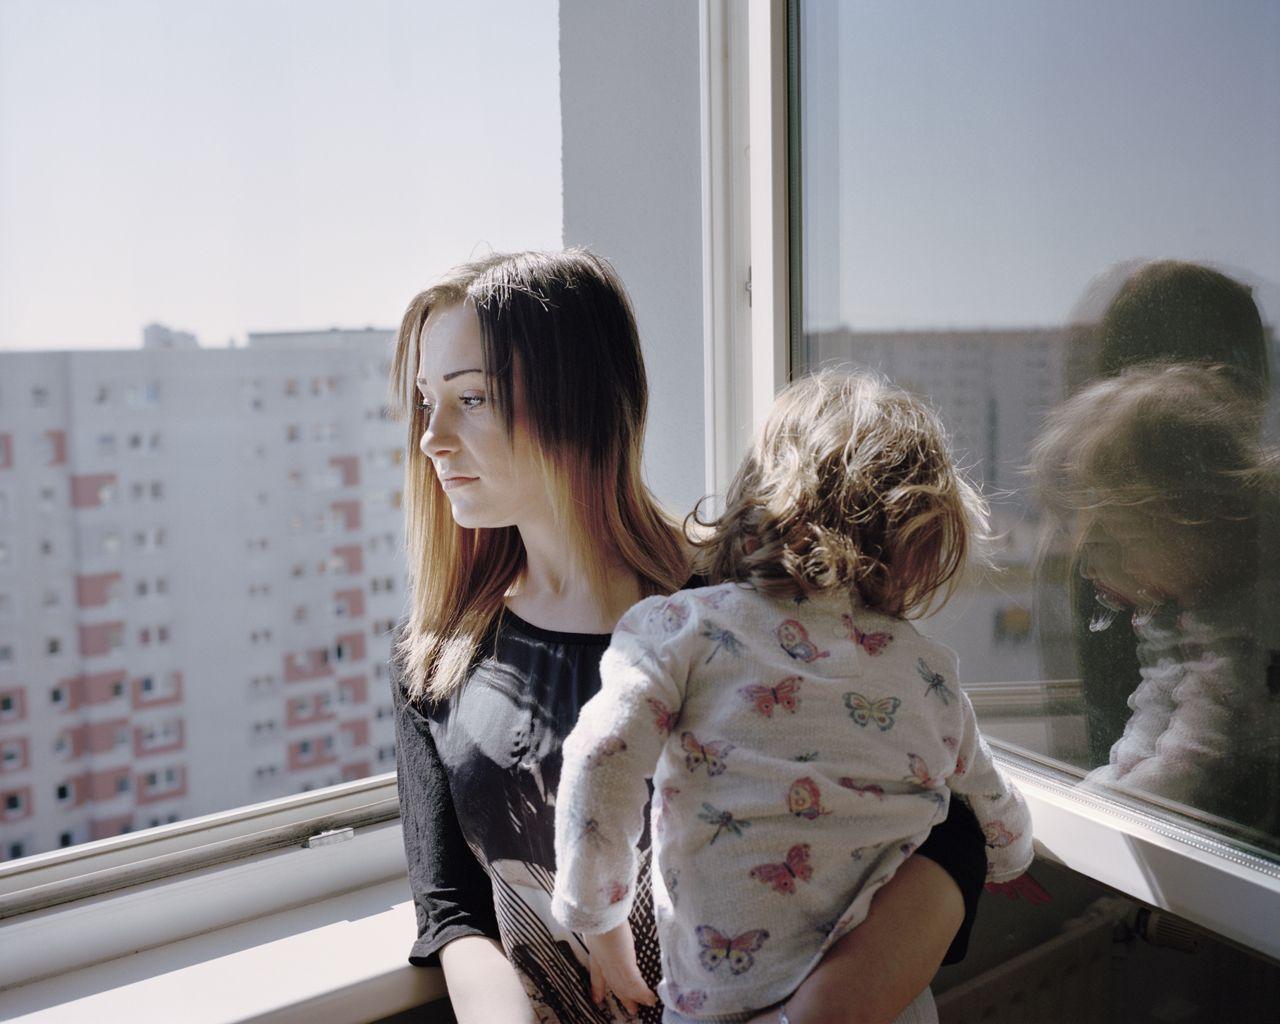 """Aus der Serie """"Vom plötzlichen Erwachsenenwerden"""" von Tamara Eckhardt."""